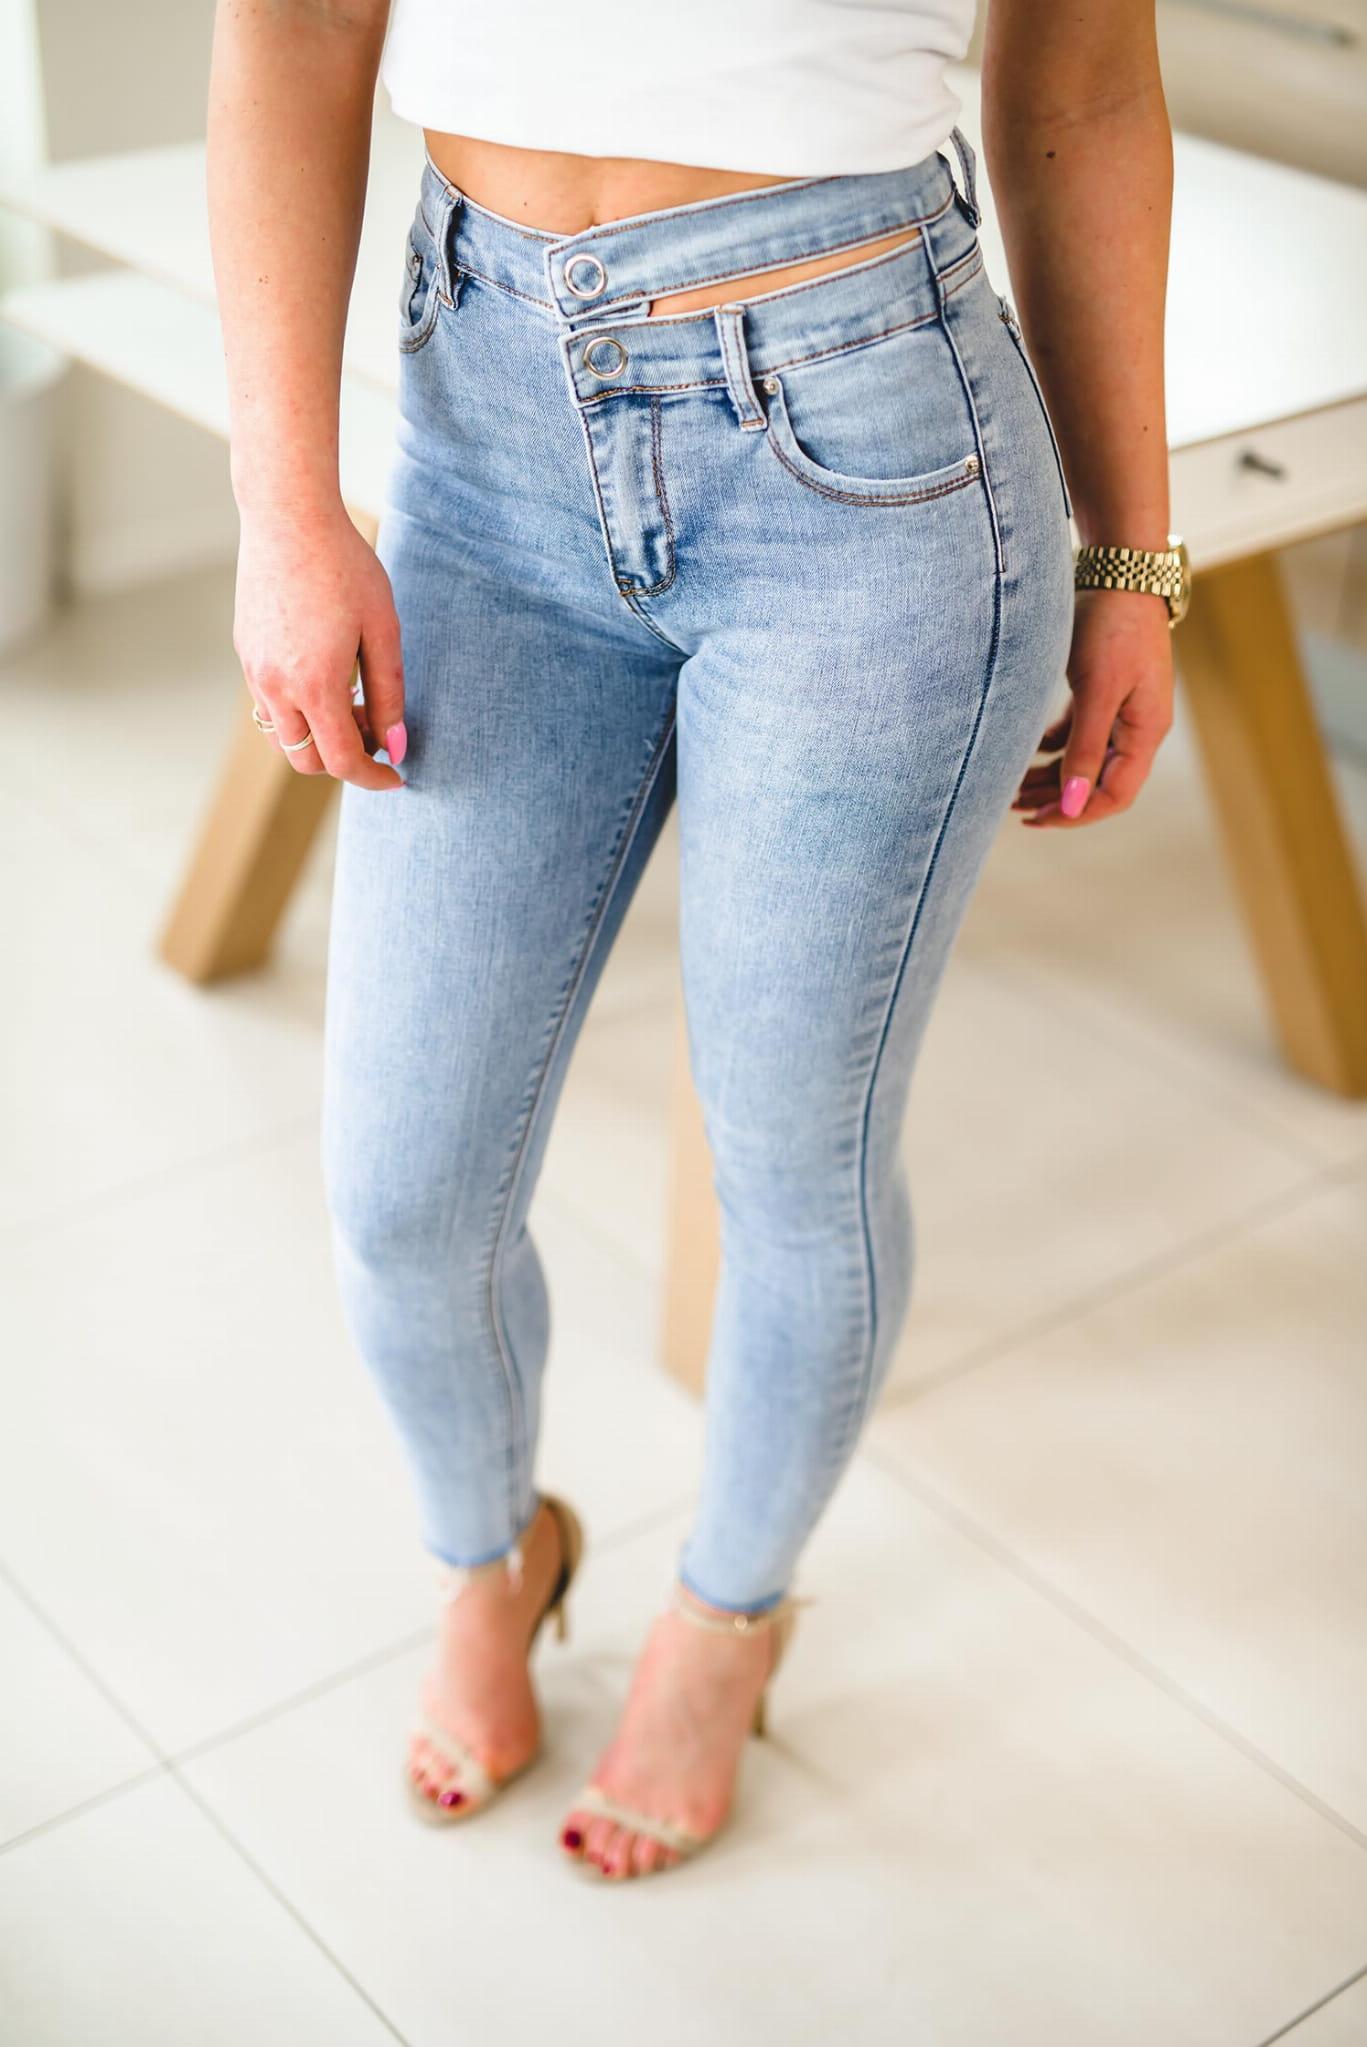 Z248 Modelujące jasne jeansy damskie z surową nogawką xs s m l xl